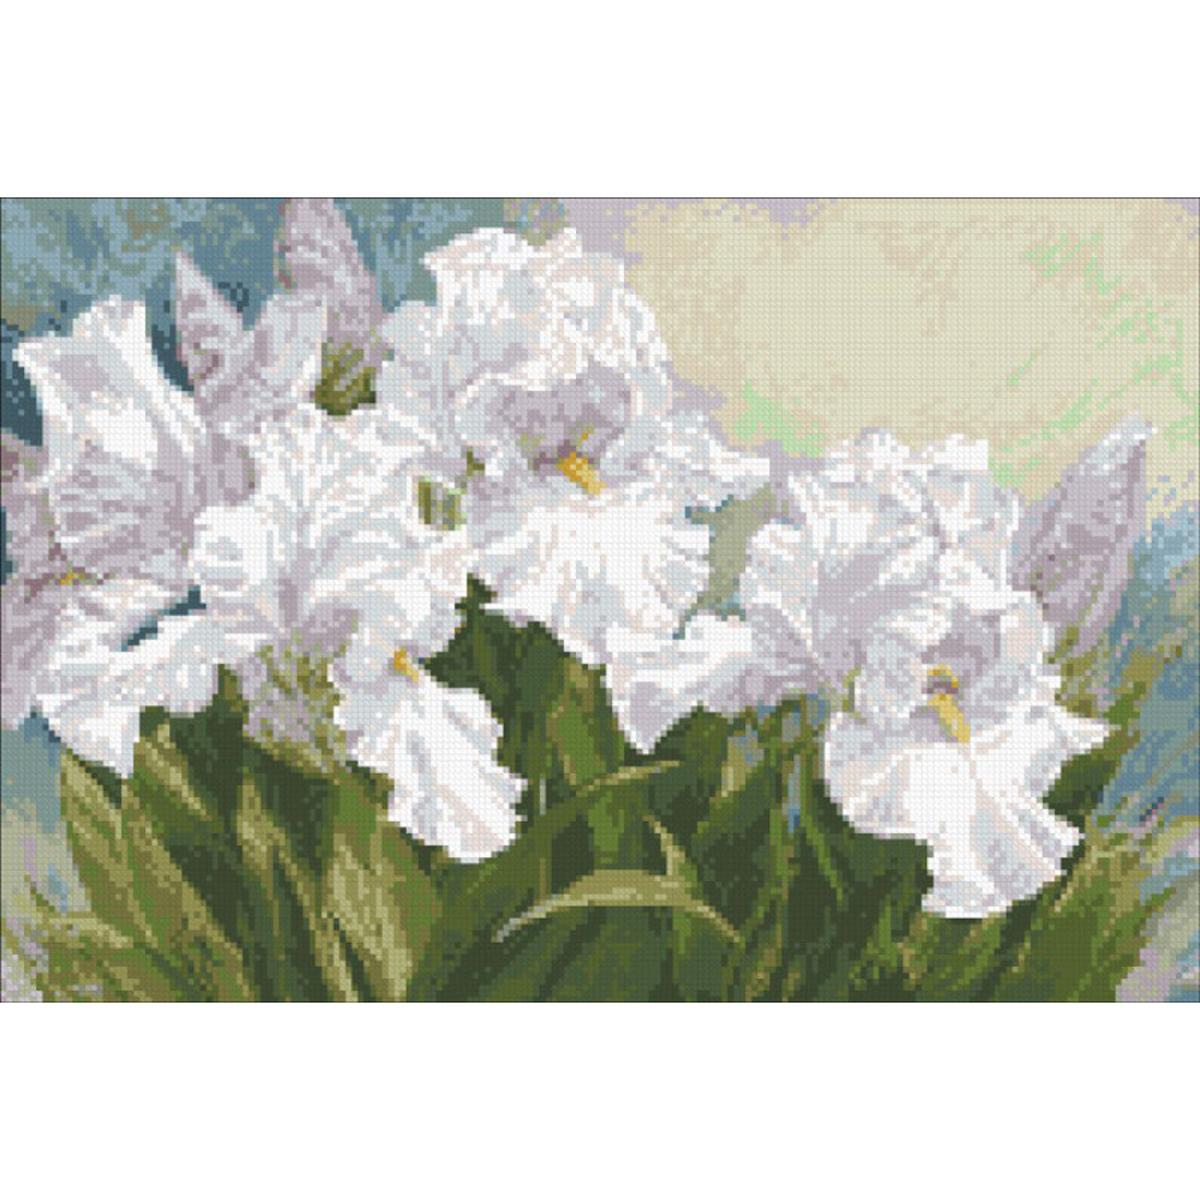 Набор для изготовления картины со стразами Паутинка Белые ирисы, 46 х 31 см486473Состав набора: мозаика — 26 цветов, холст с нанесенным рисунком и клеевым слоем, пинцет, подробная инструкция.